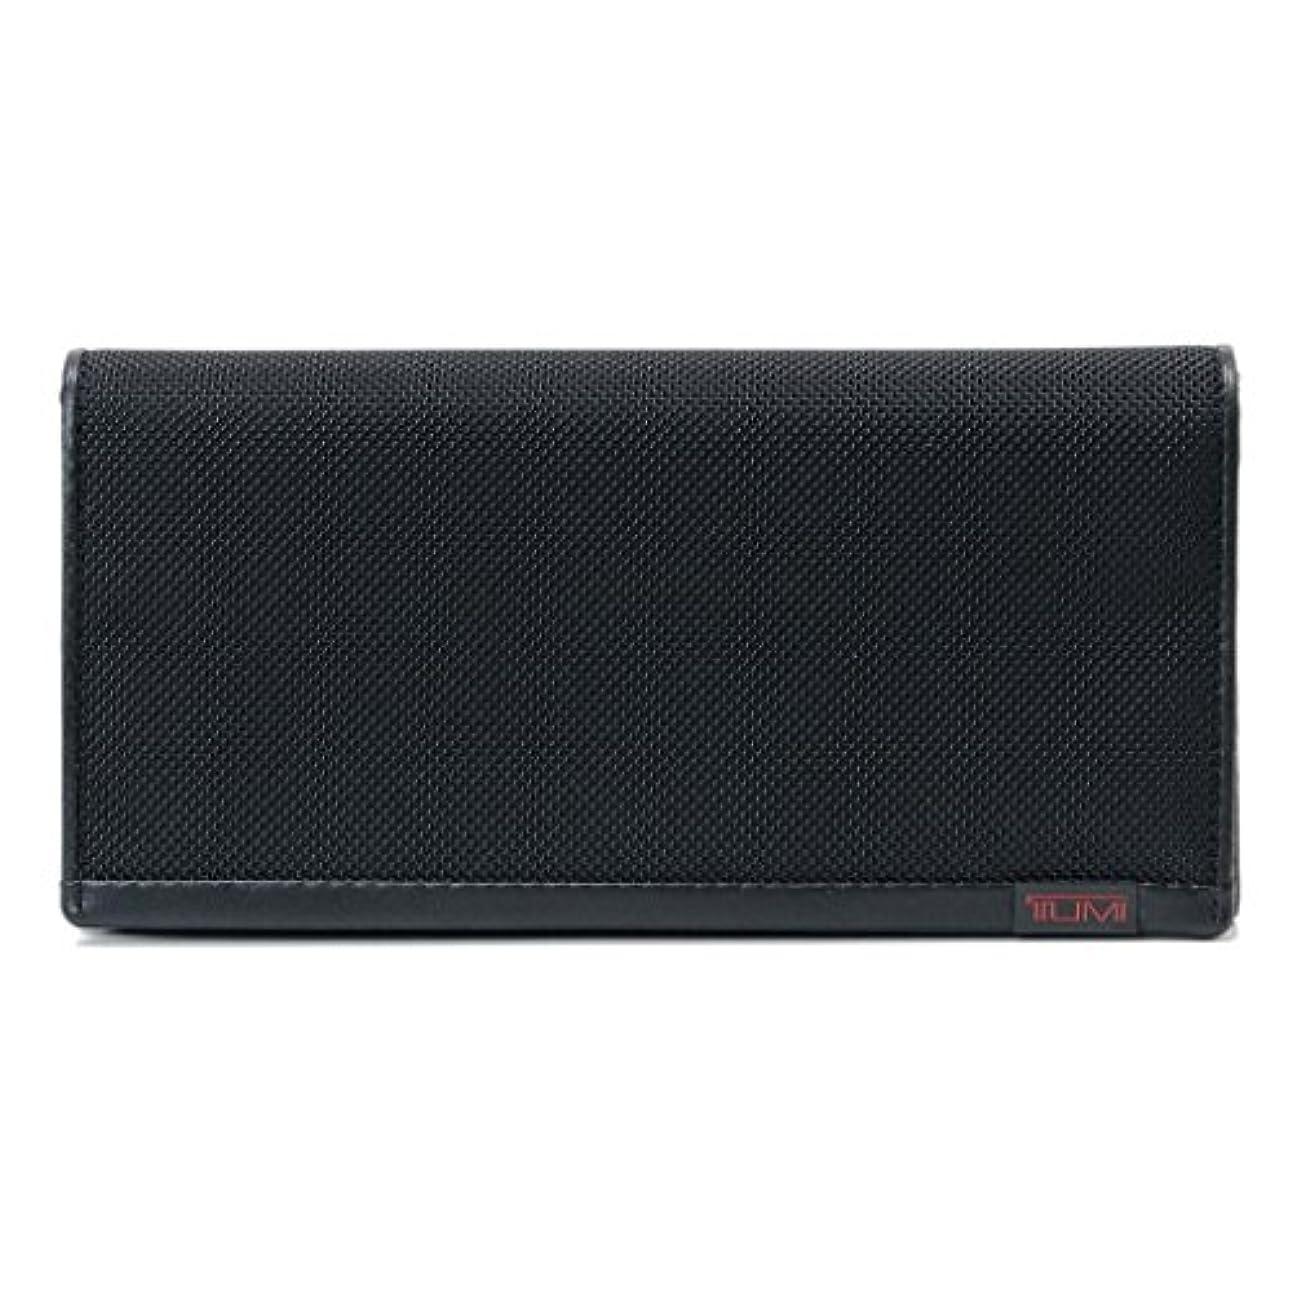 ランデブー八膜(トゥミ)TUMI 19243D/119243 ALPHA Breast Pocket Wallet 長サイフ 長財布 Black ブラック [並行輸入品]